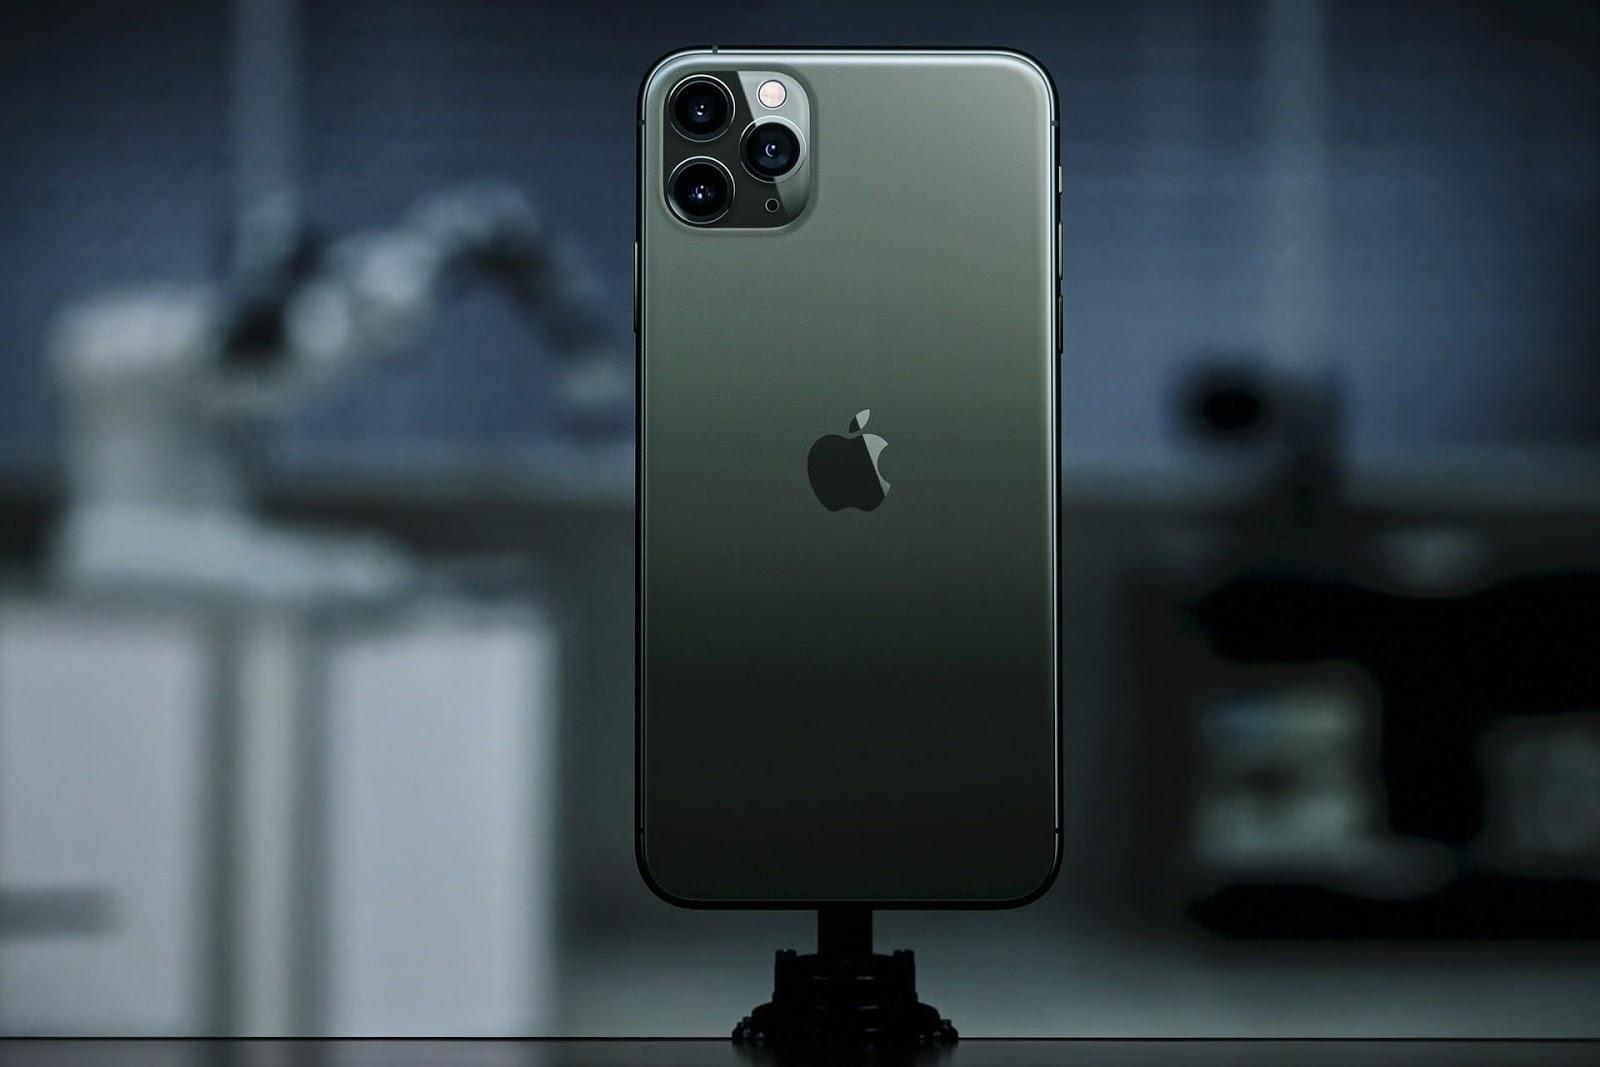 NUEVA GENERACIÓN iPHONE 11 TURISTAS 4